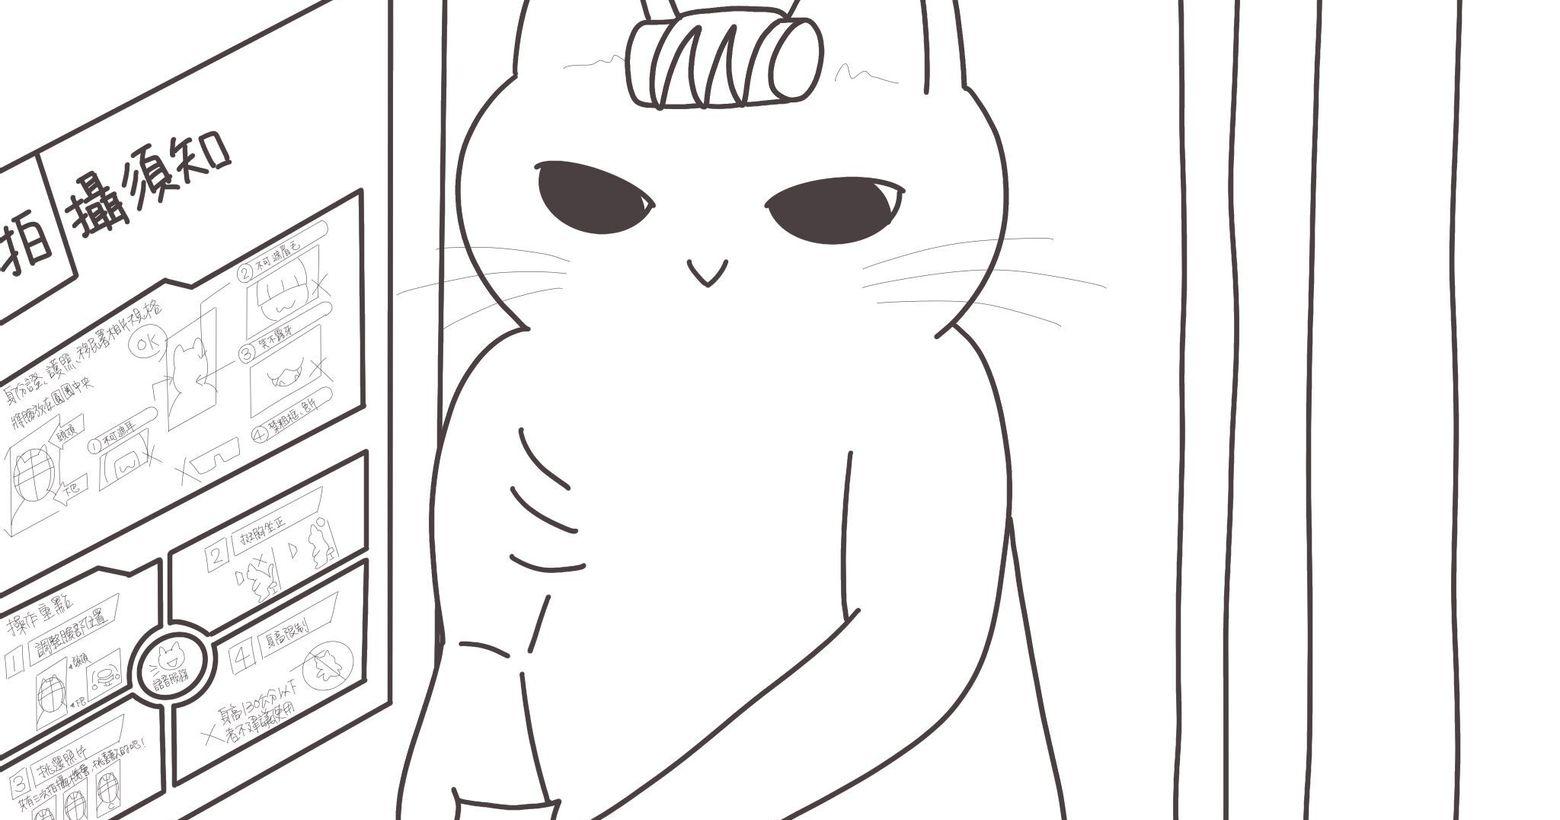 13_今天是「貓之日」喜歡我的插圖嗎?&